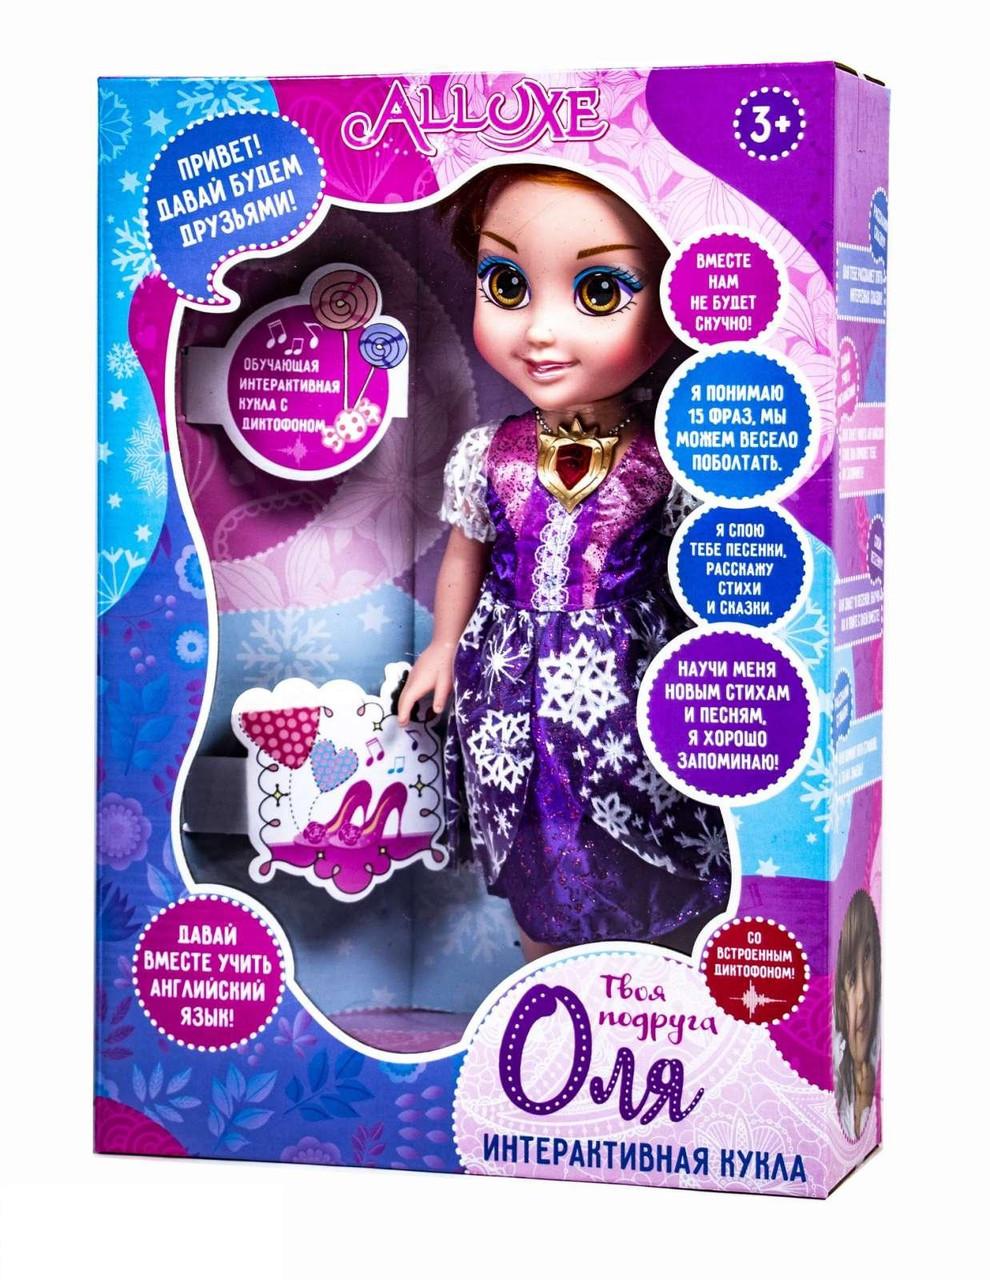 Интерактивная Кукла Оля в двух цветах, говорит на русском языке!